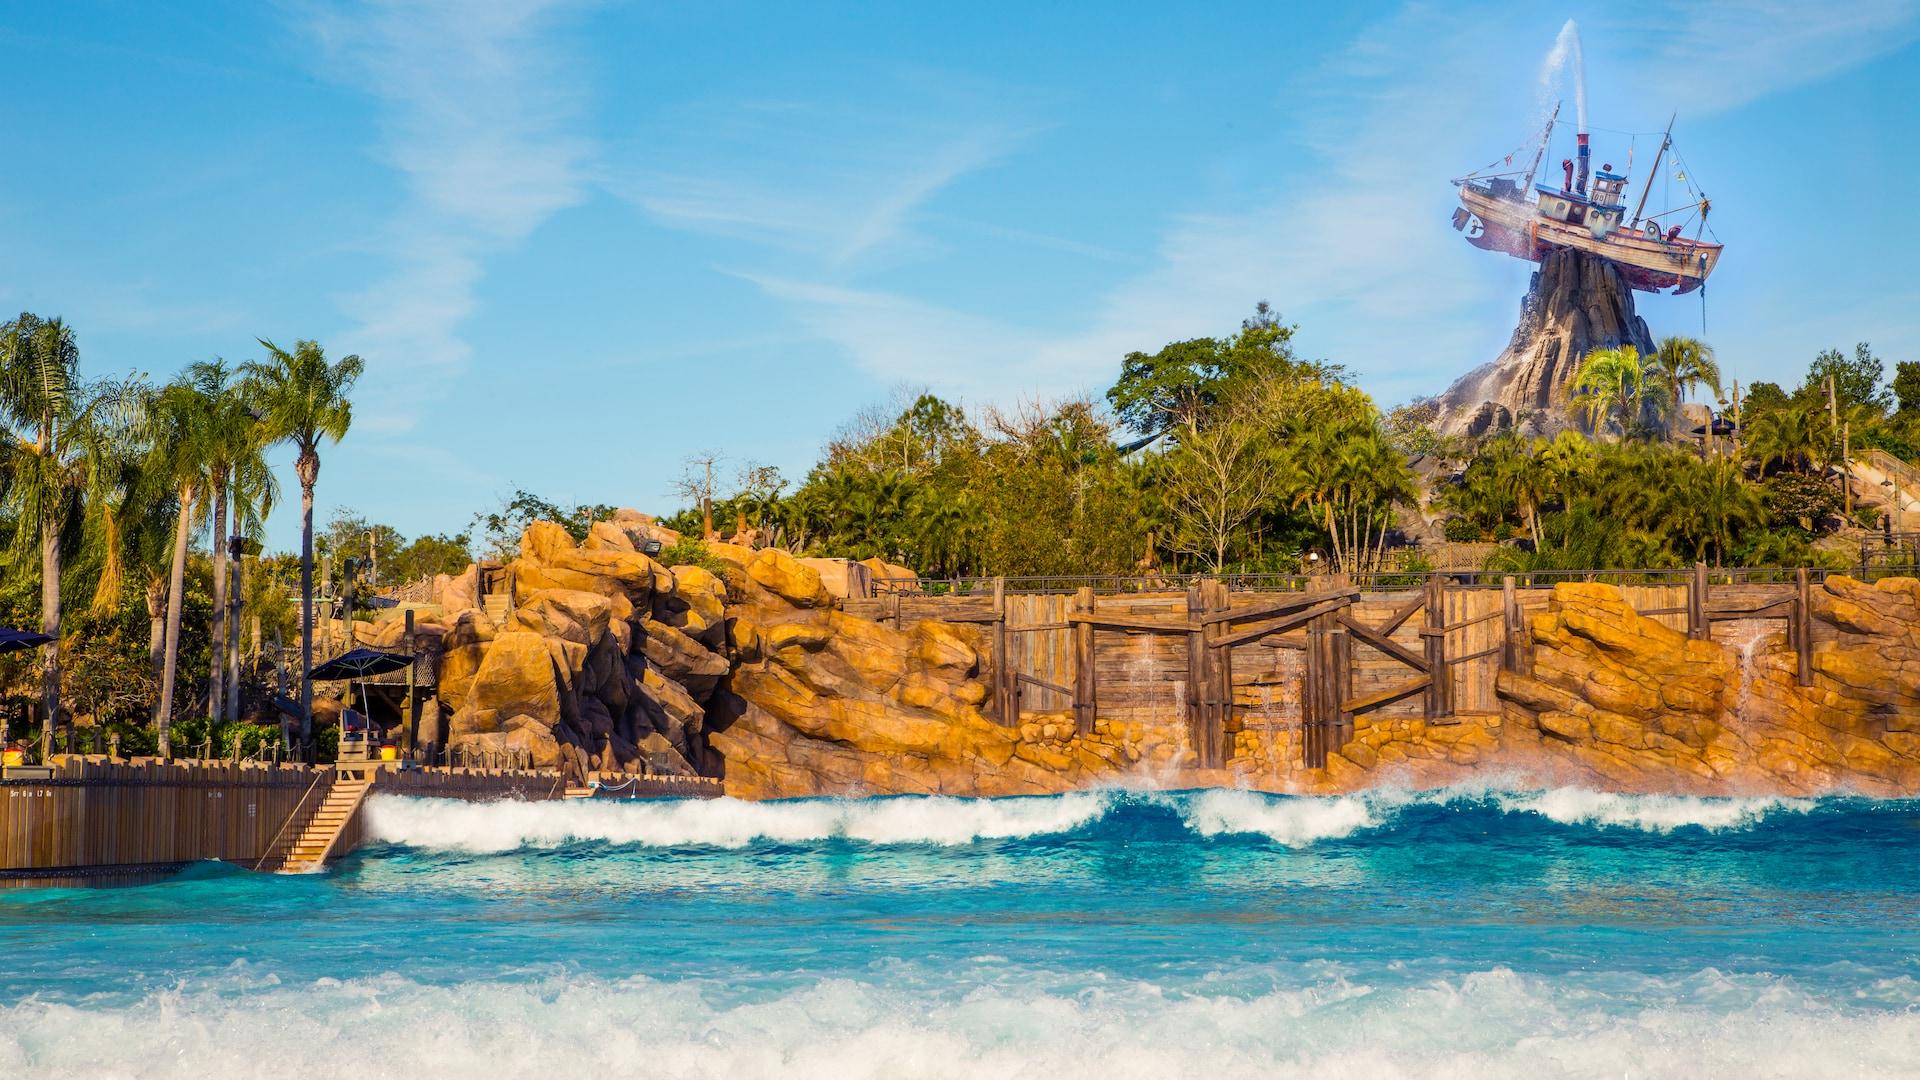 Typhoon Lagoon Surf Pool | Typhoon Lagoon Attractions | Walt ...